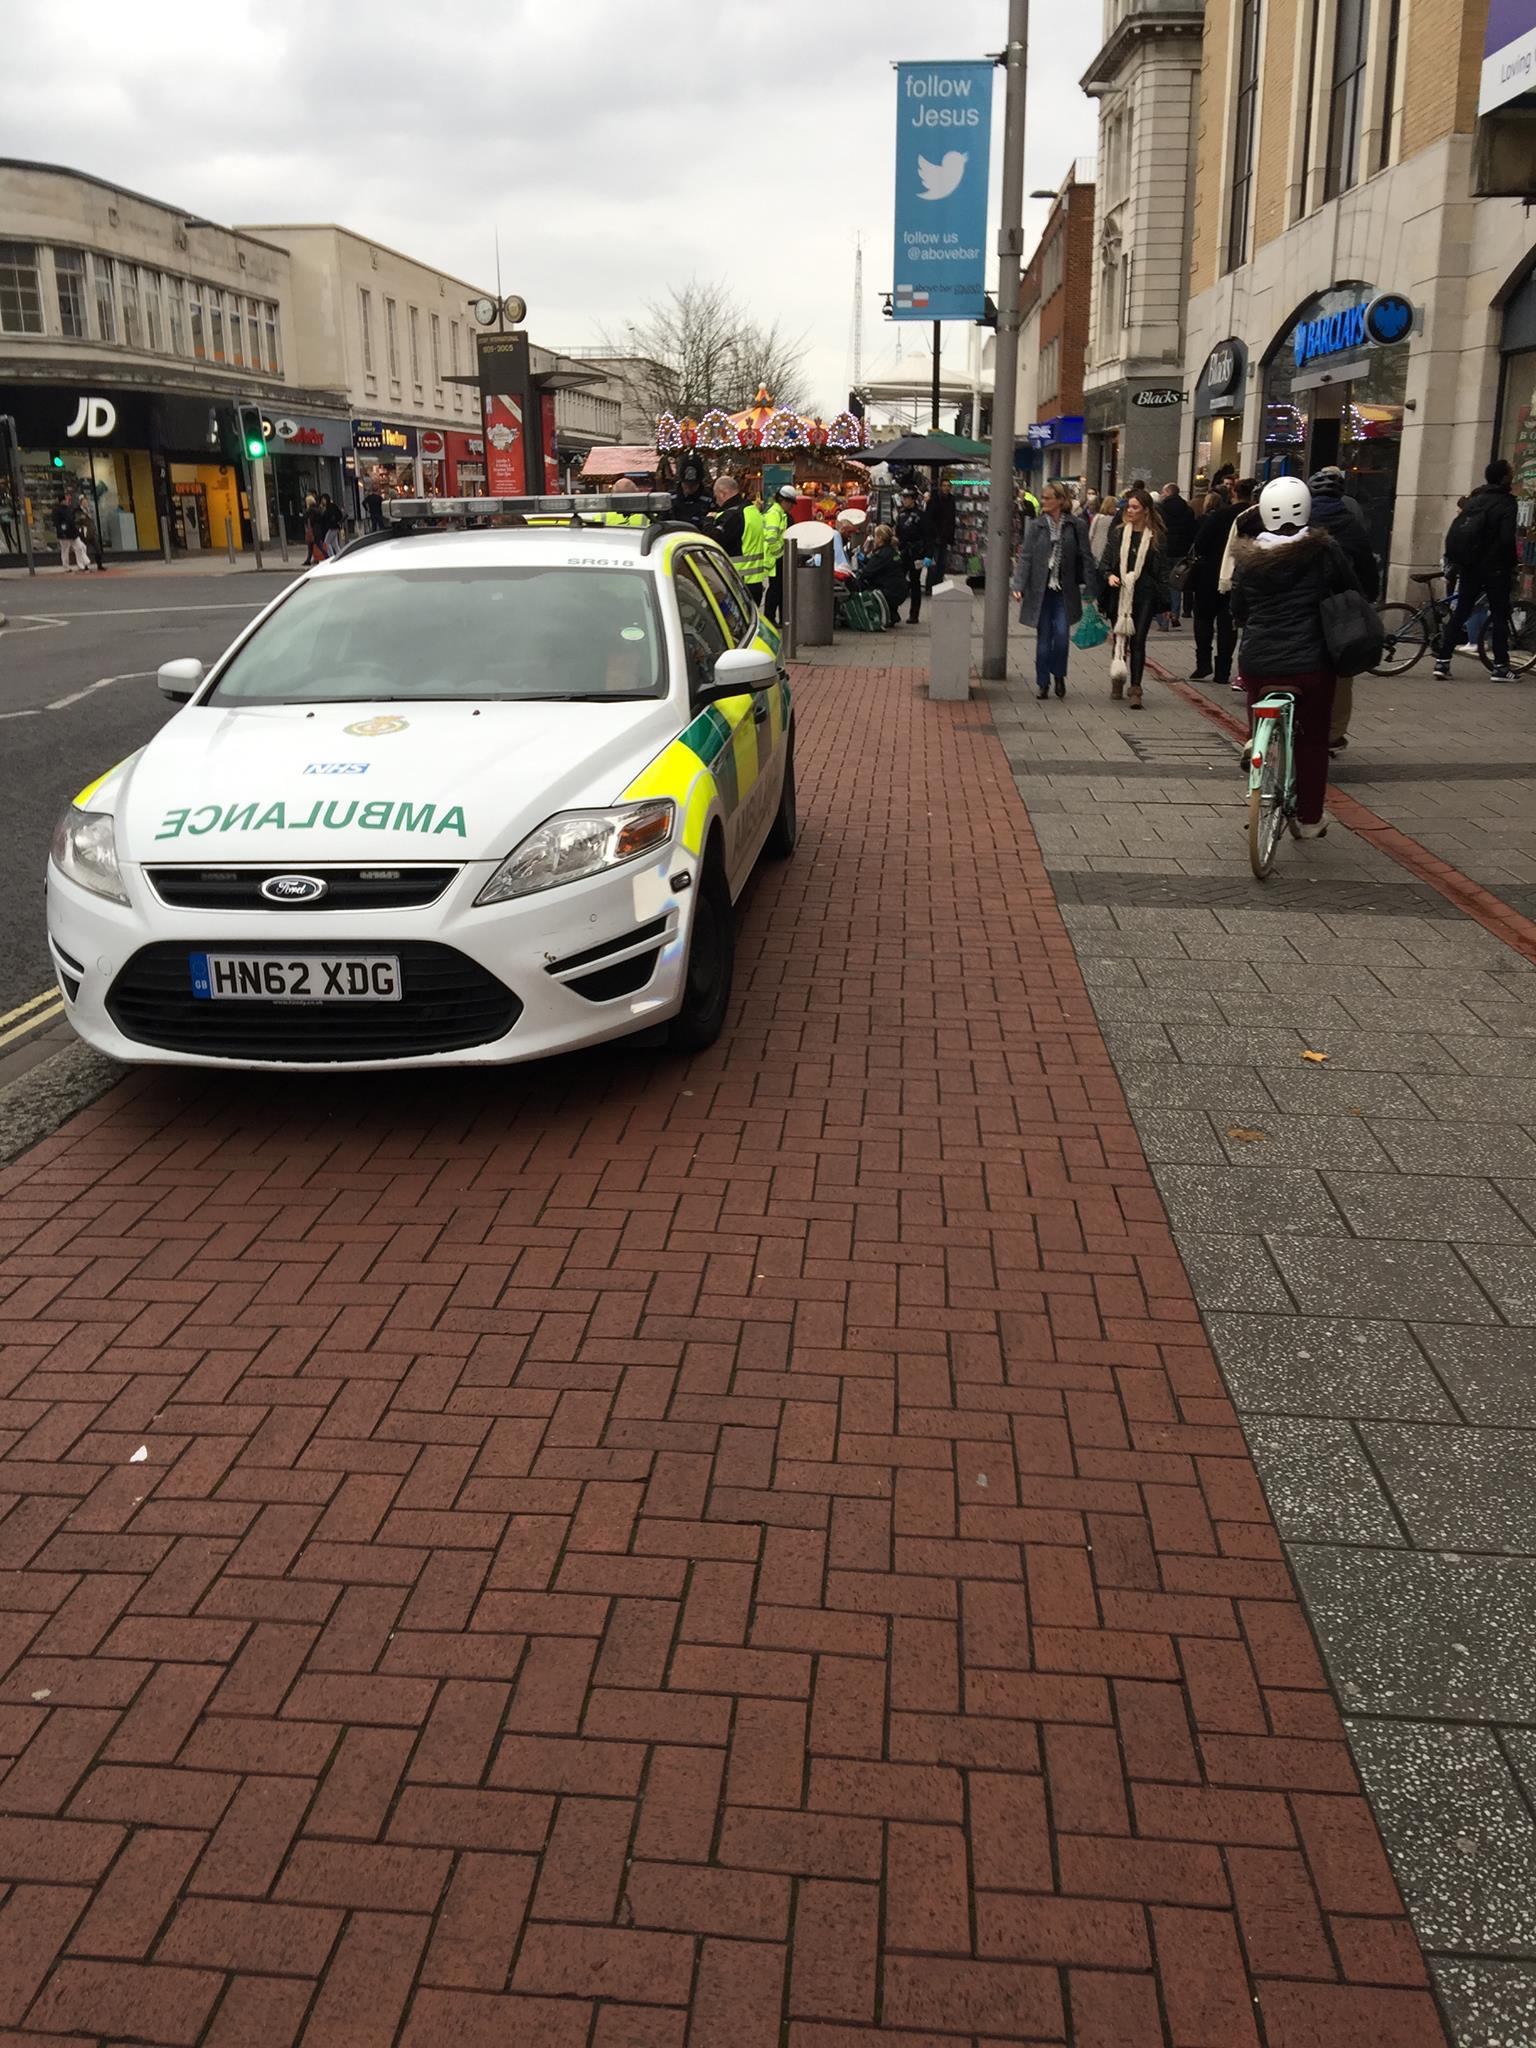 Bus hits man in Southampton